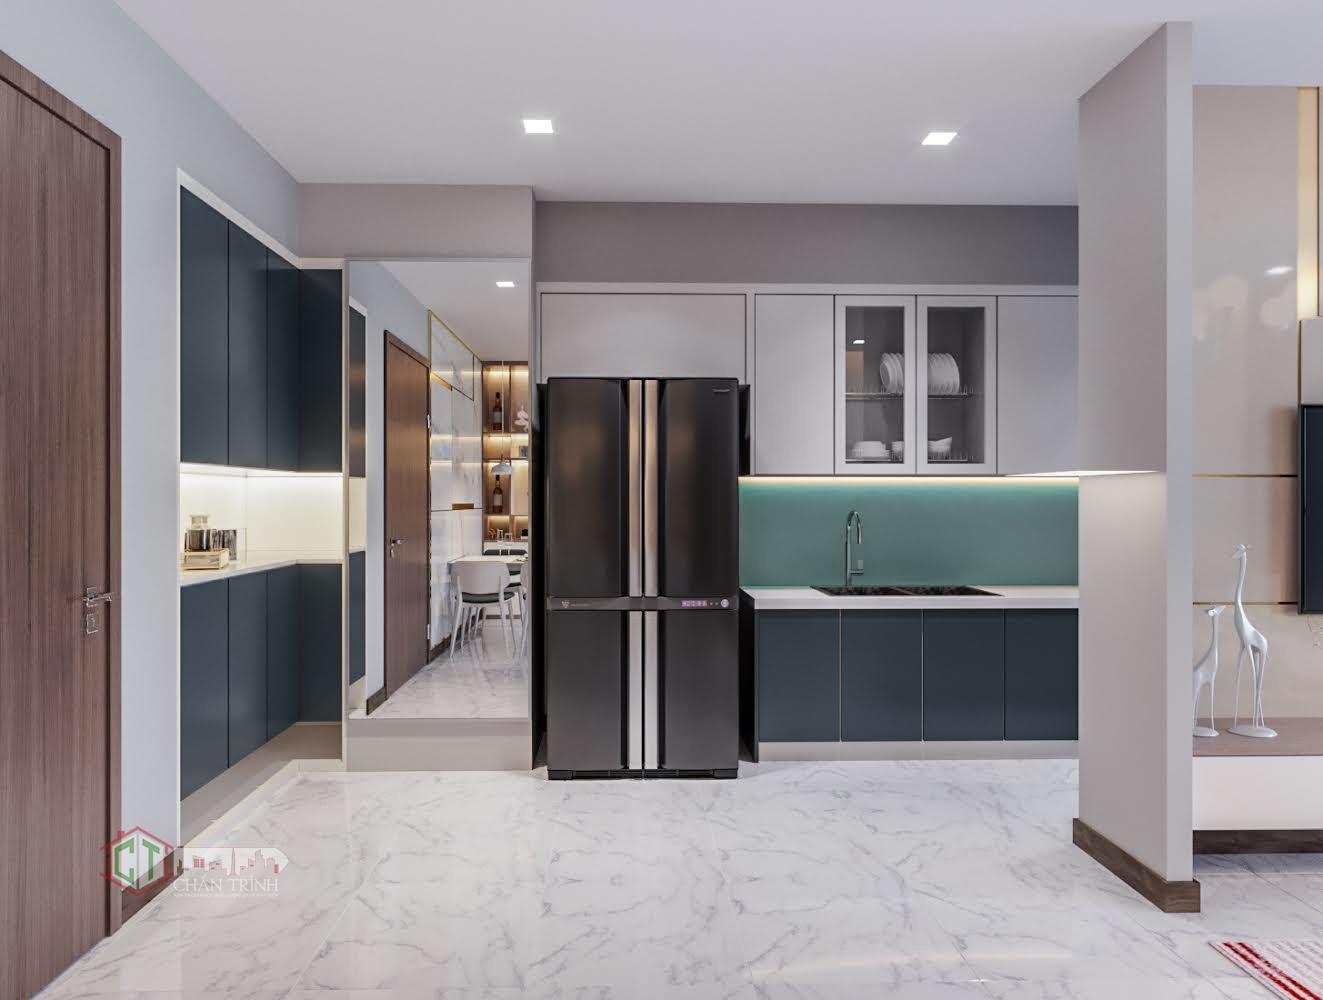 Hình ảnh căn hộ Vinhomes Central Park - Phòng bếp